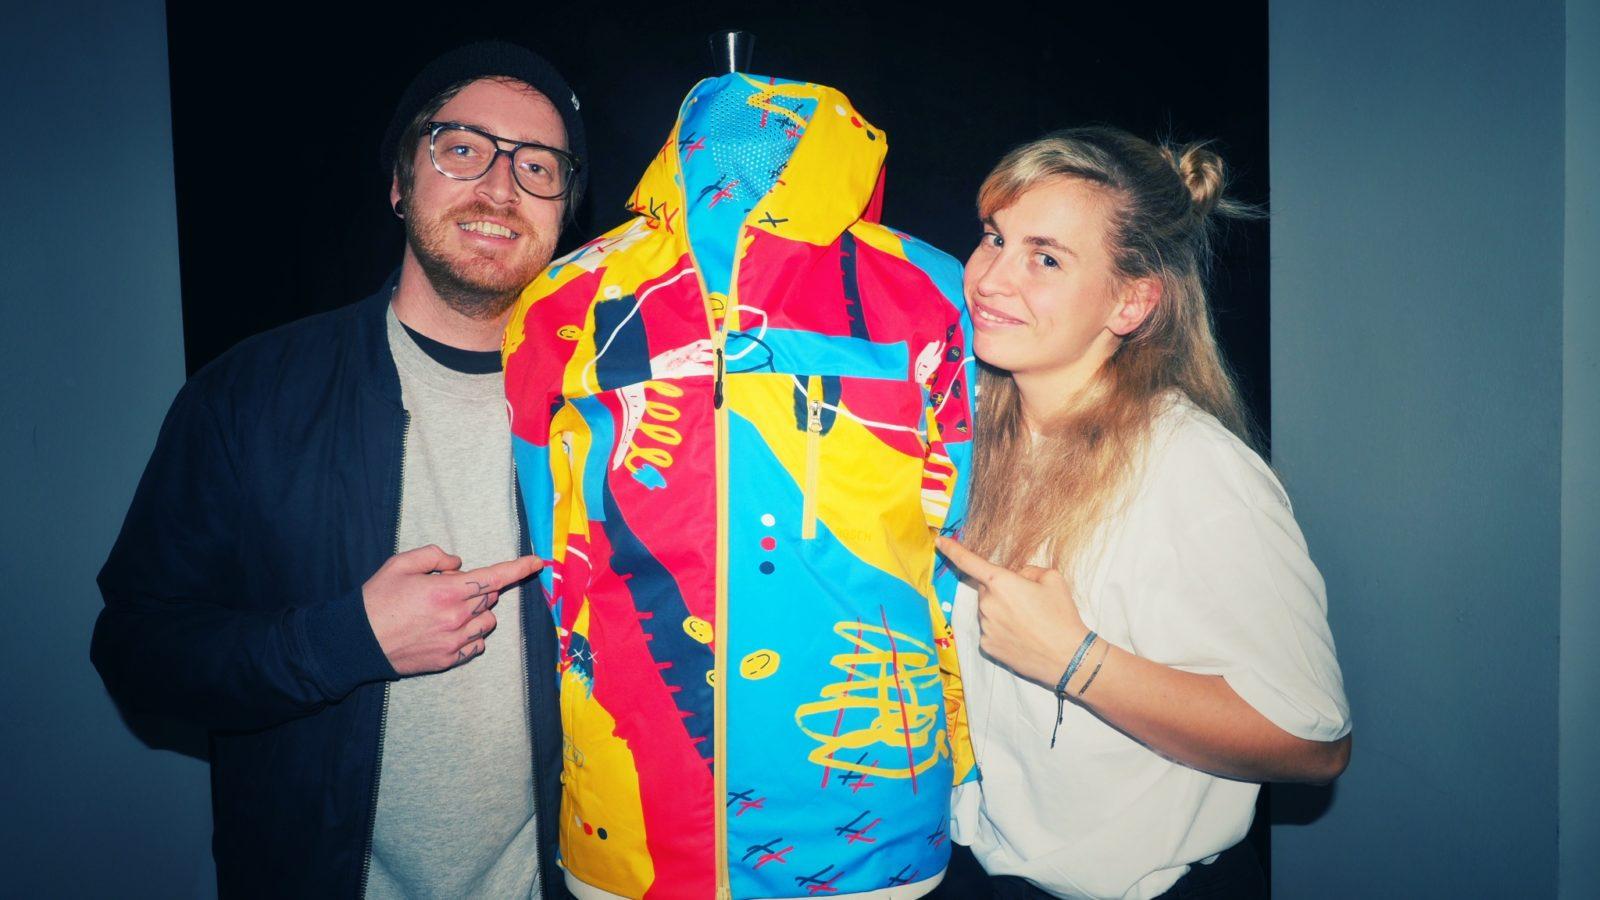 NASCH Sportswear   Nadine Schratzberger aus Wien   Crowdfunding auf Kickstarter   Funktionsjacke / Sportkleidung   GROSS∆RTIG